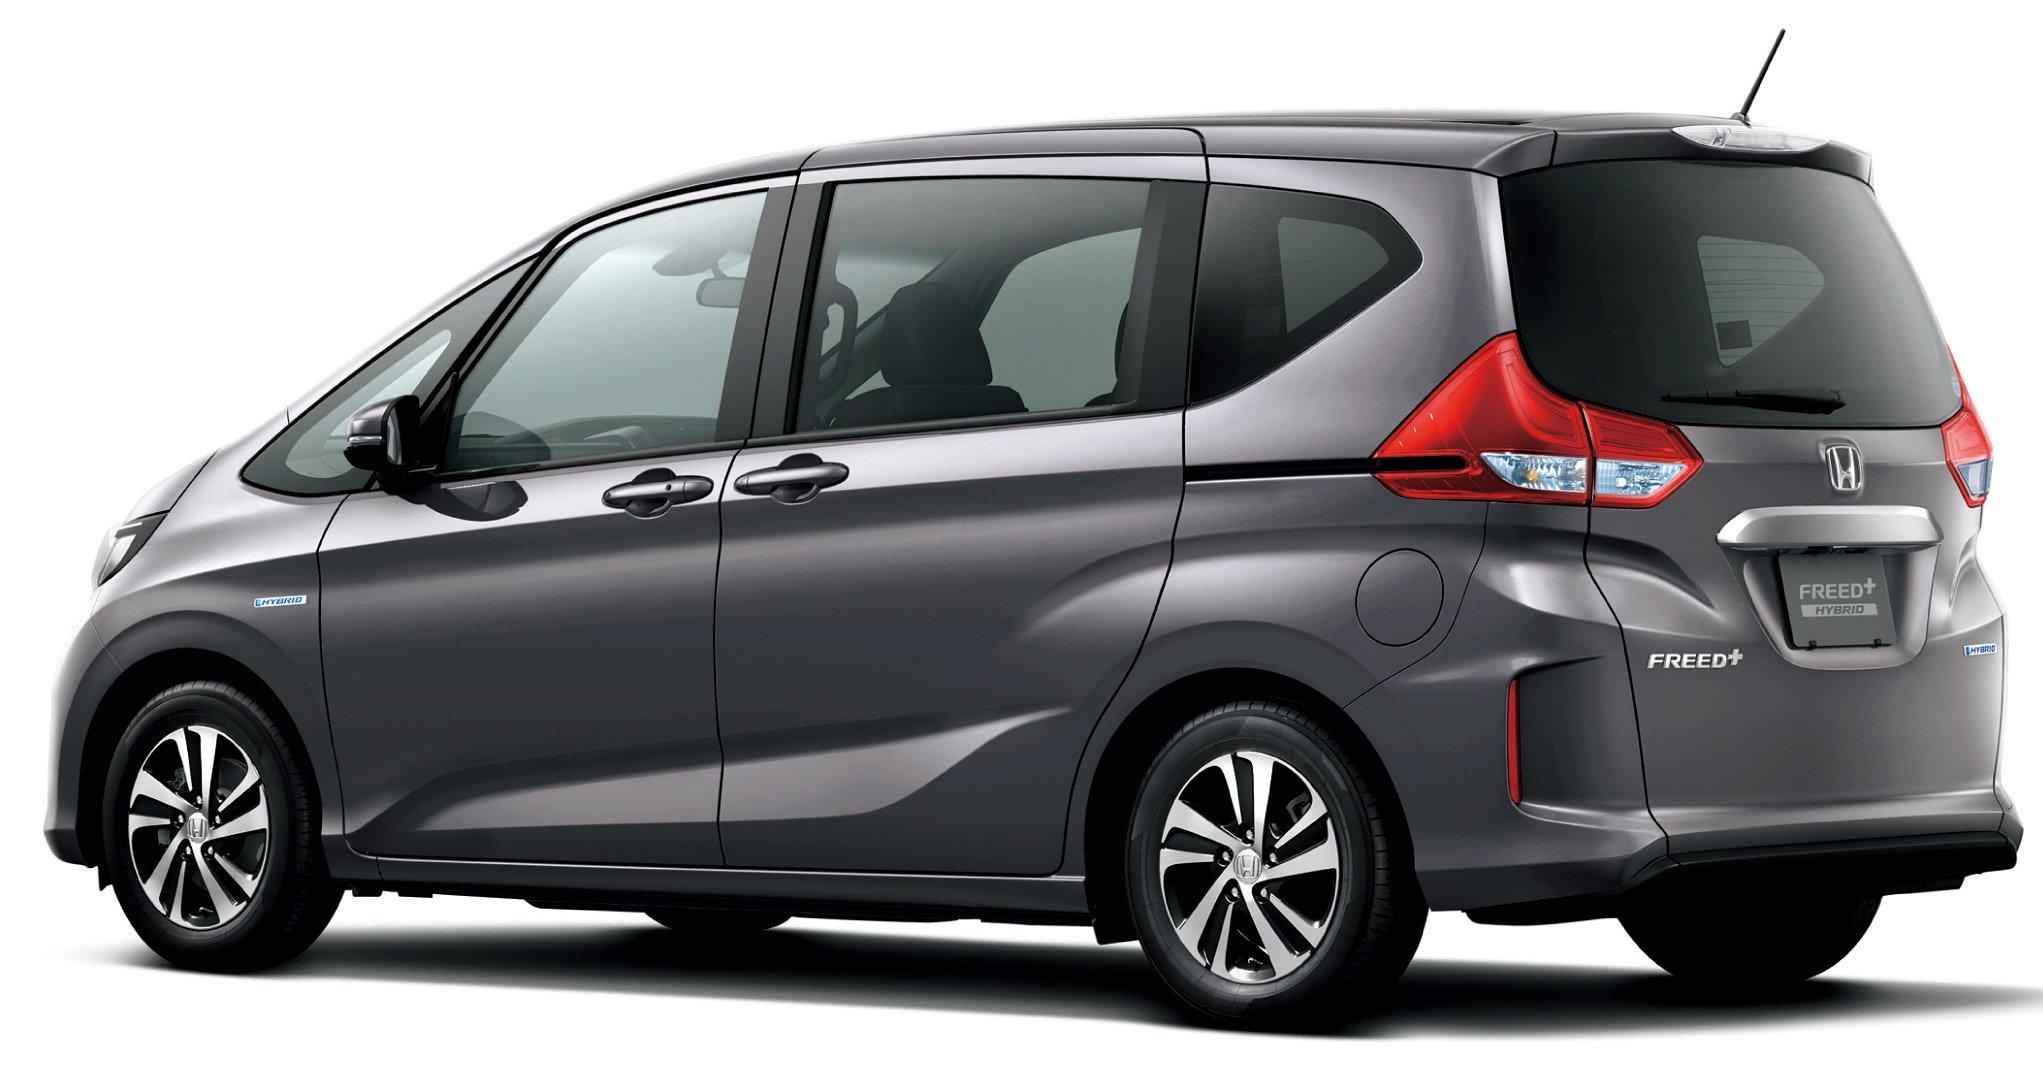 Honda Freed 2016 mula dijual dalam pasaran Jepun Image 550275